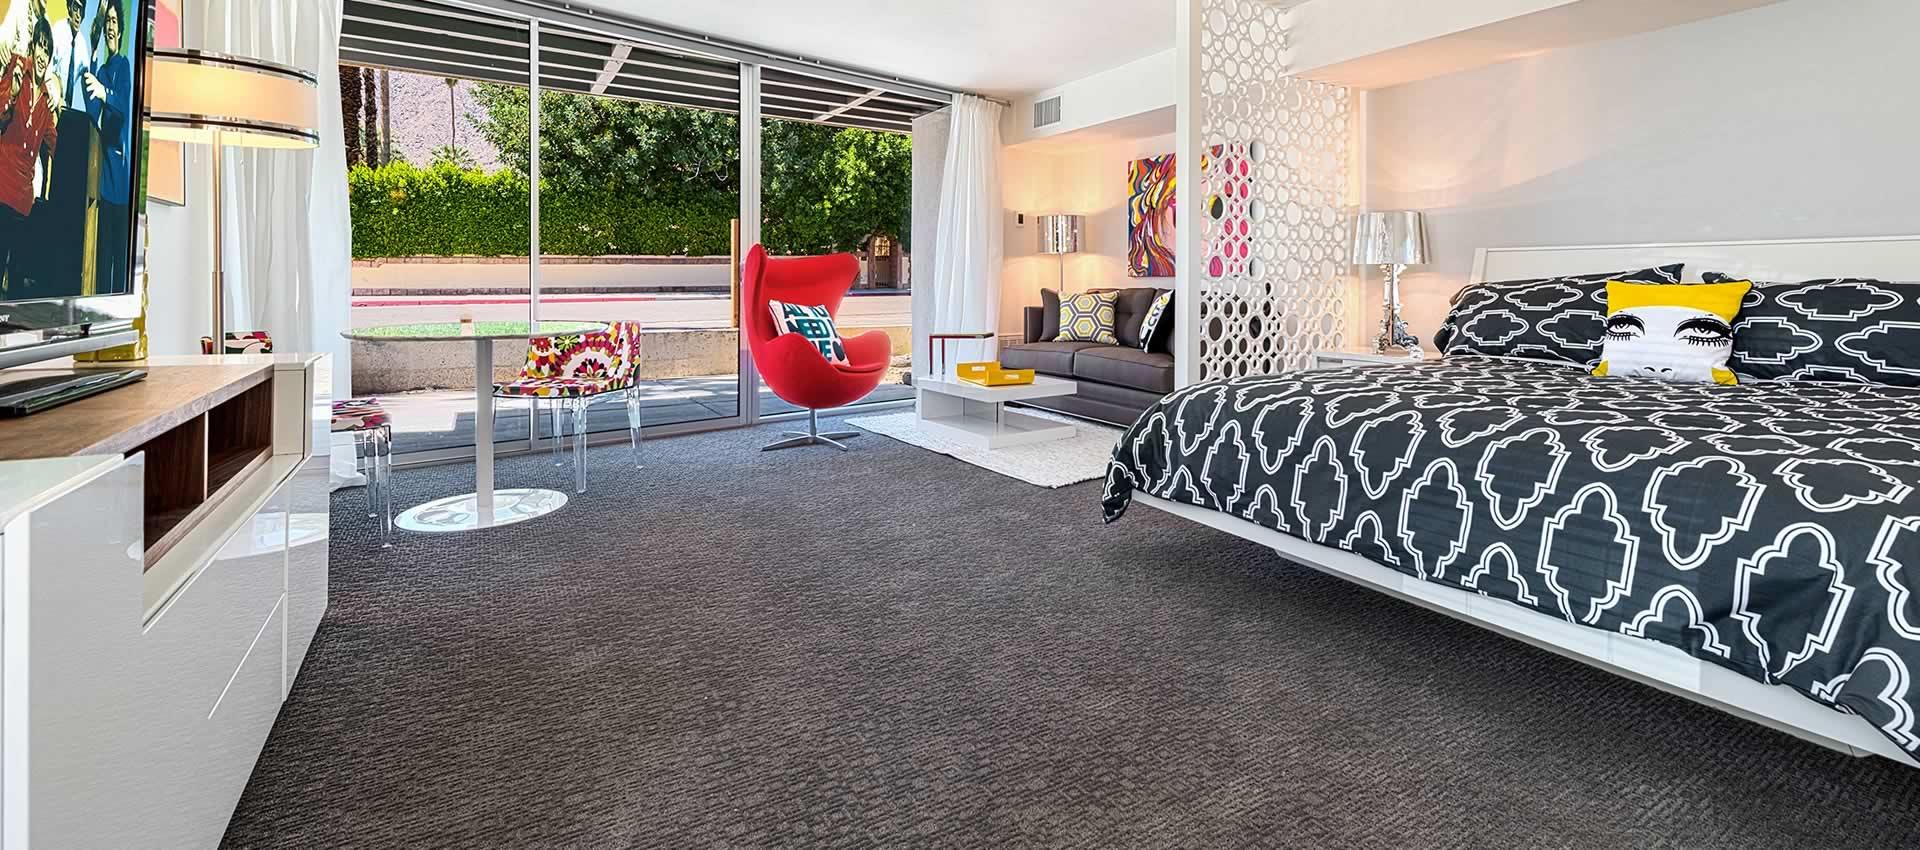 twist-hotel-studio-bed